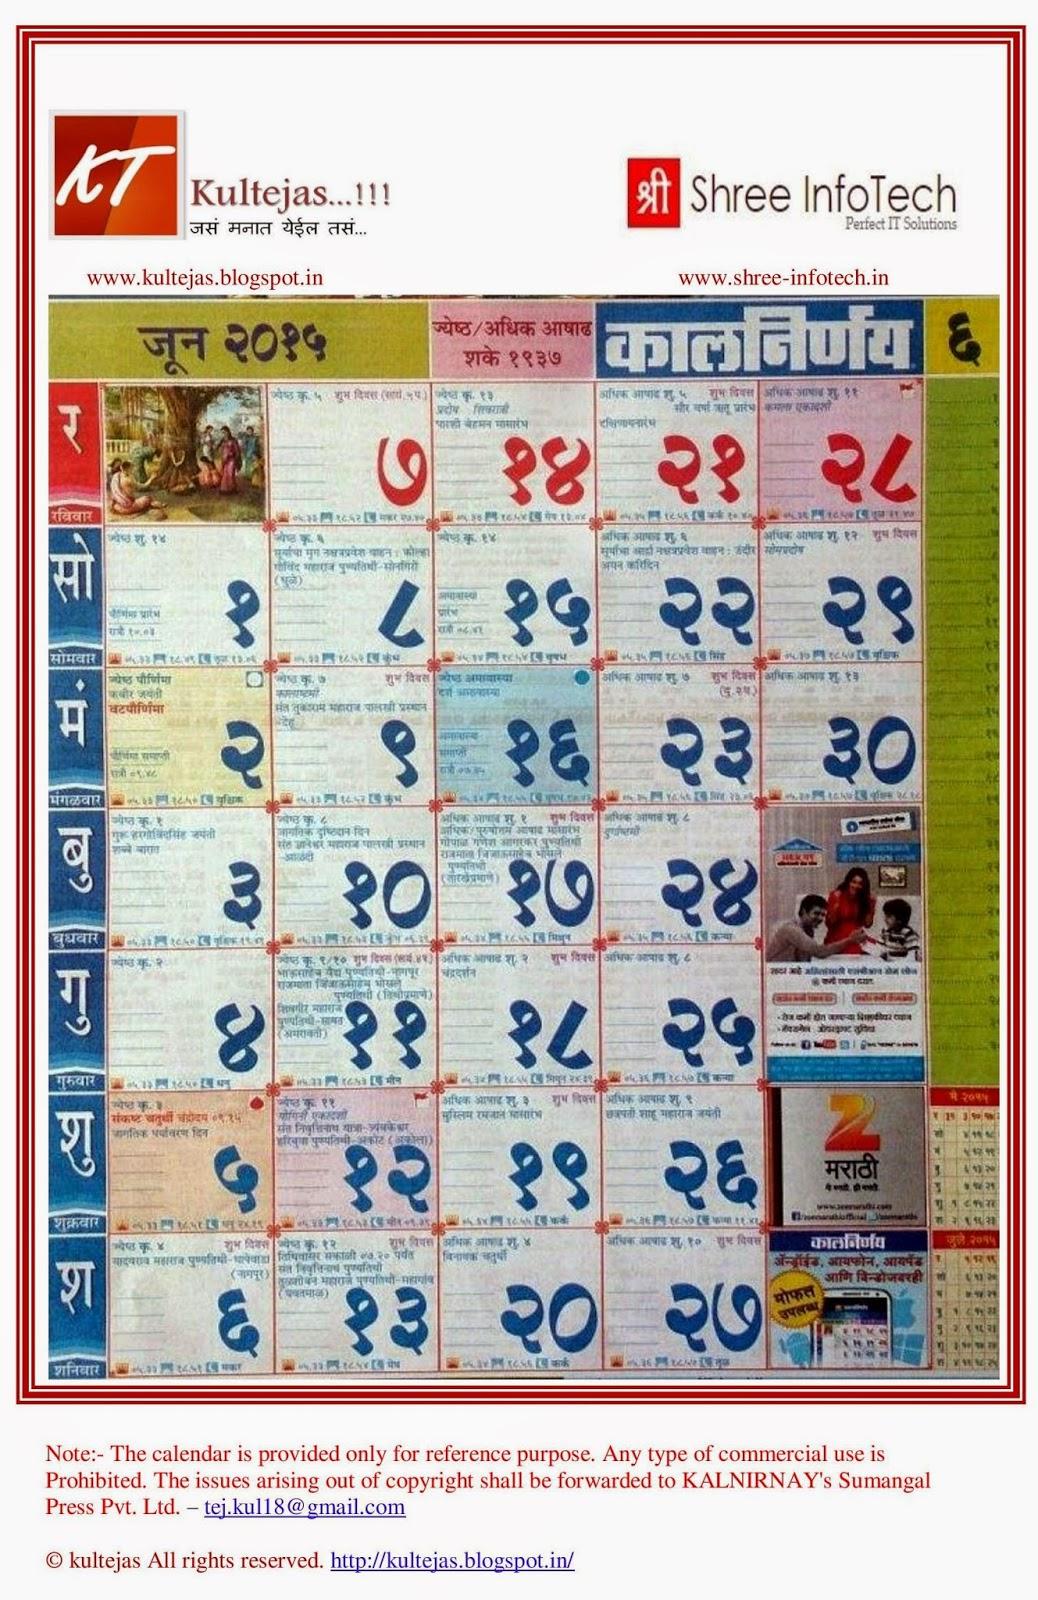 June Calendar Kalnirnay : Marathi kalnirnay calendar free download